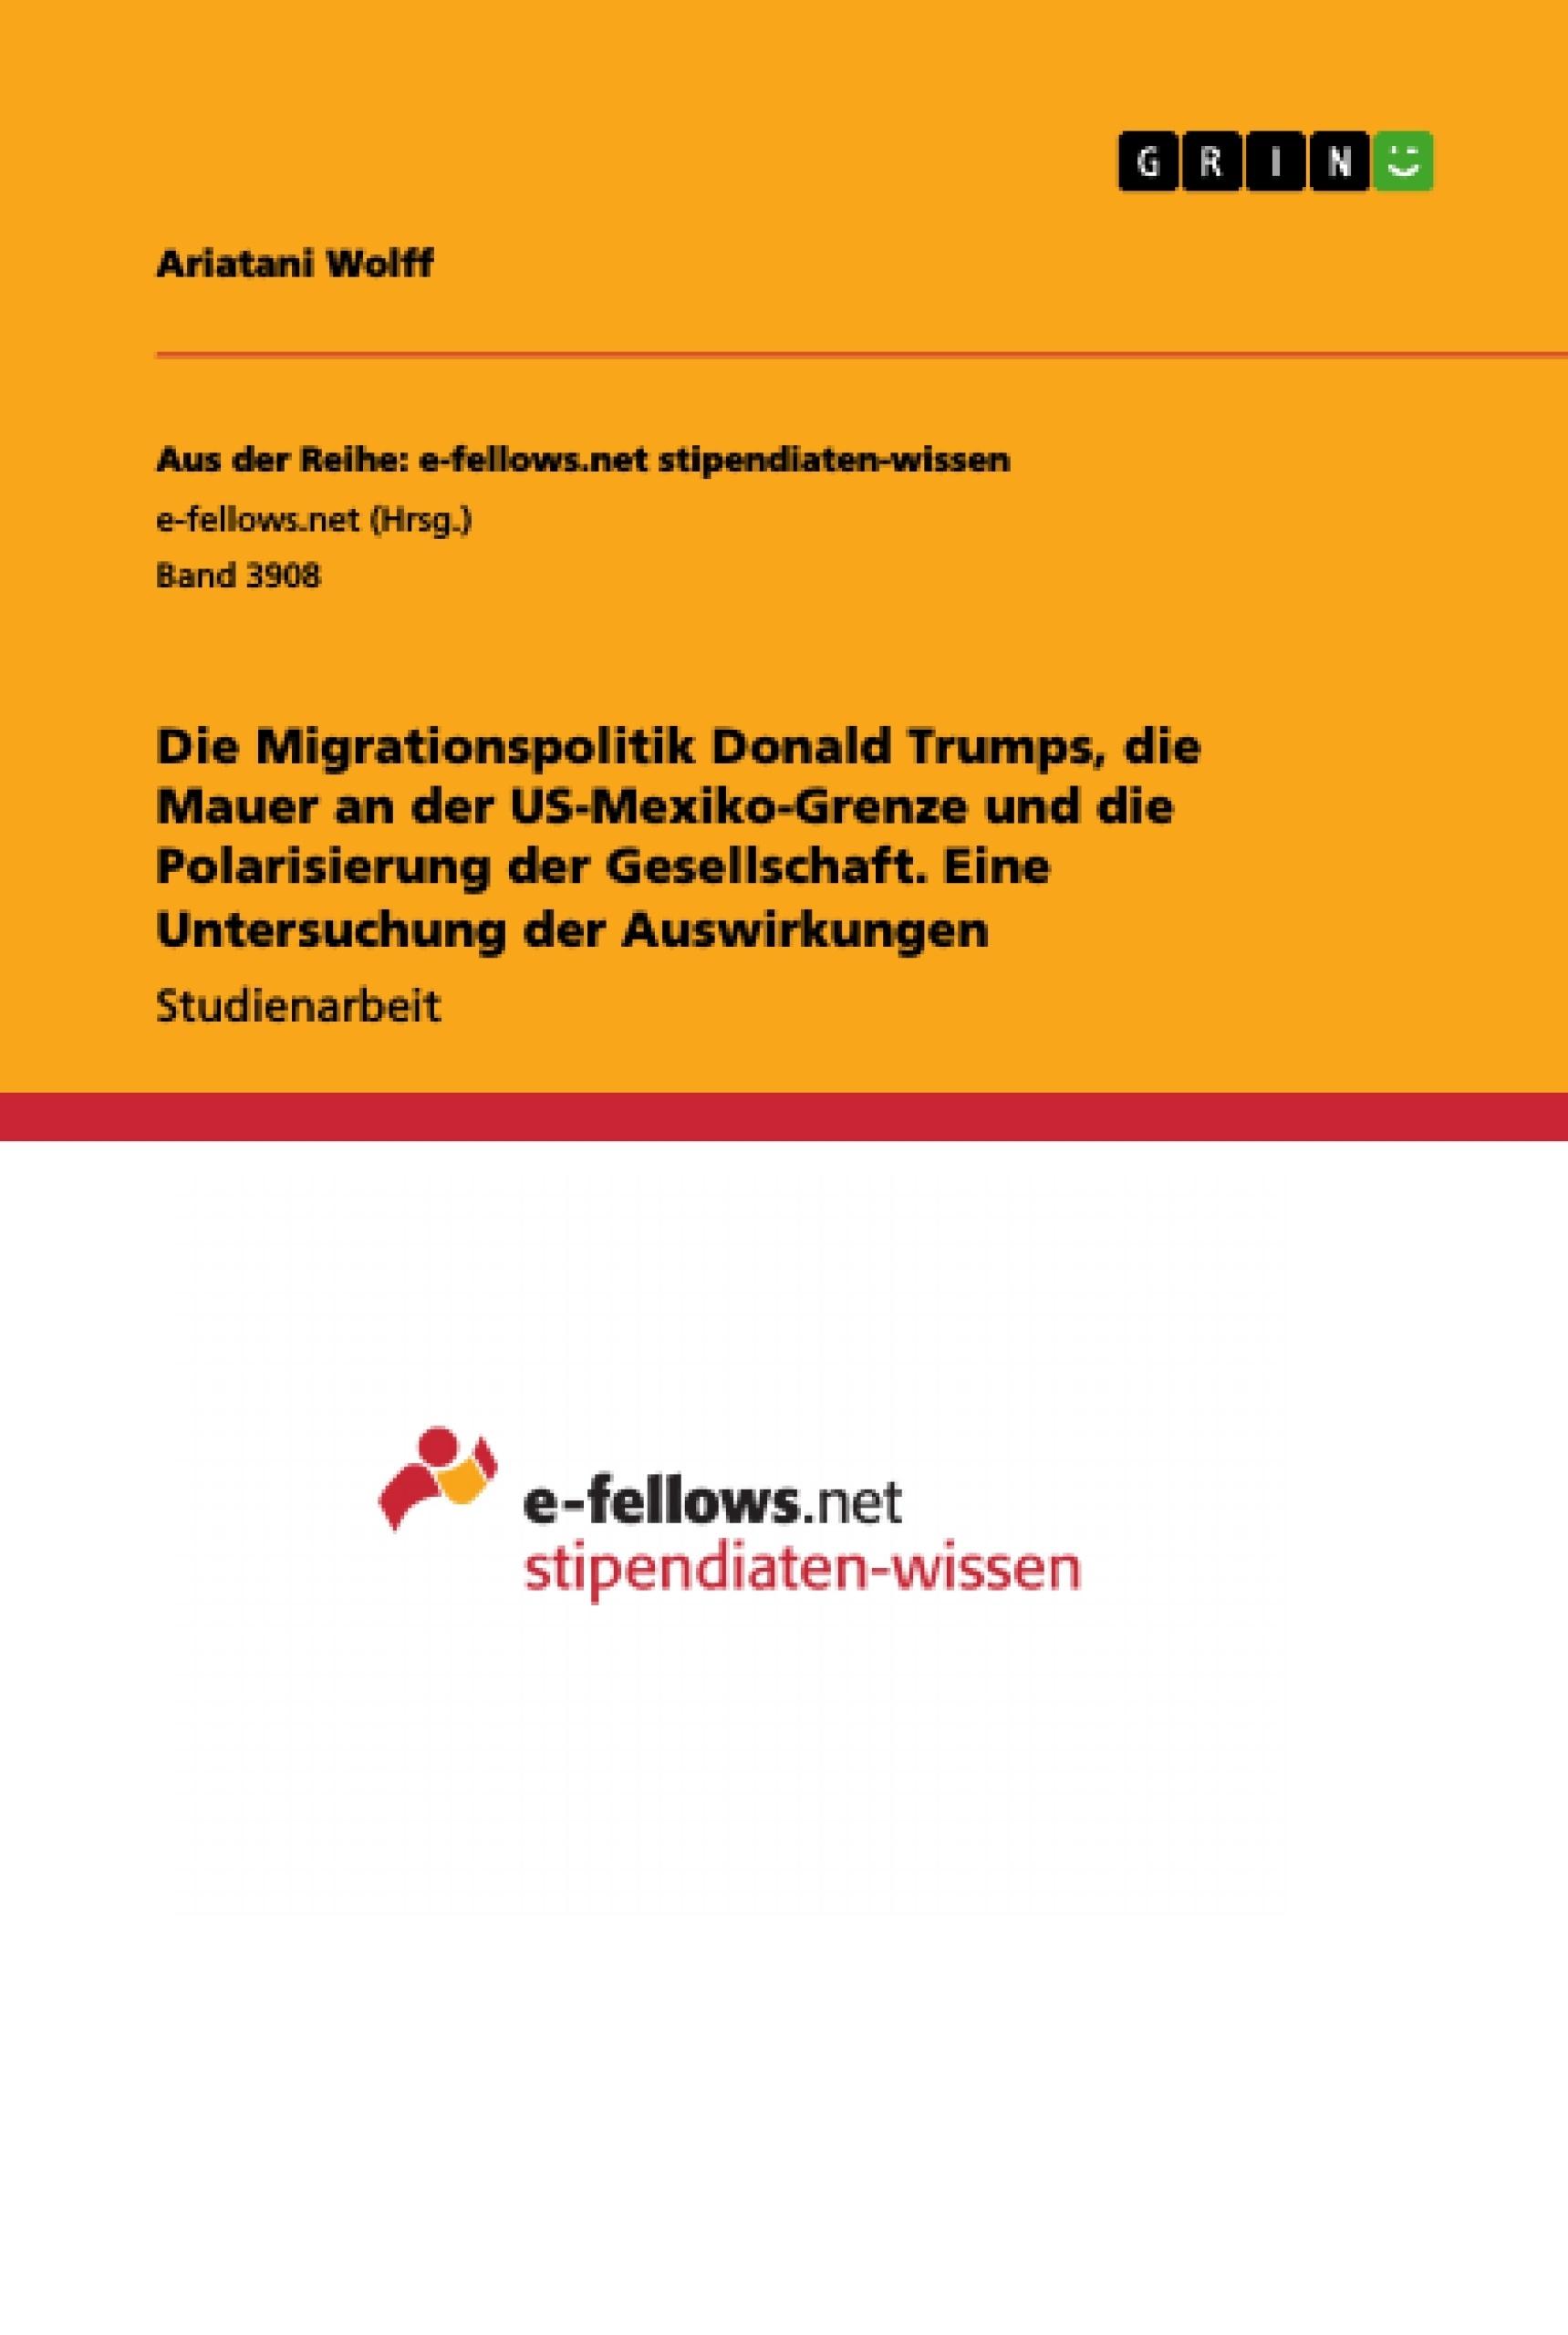 Titel: Die Migrationspolitik Donald Trumps, die Mauer an der US-Mexiko-Grenze und die Polarisierung der Gesellschaft. Eine Untersuchung der Auswirkungen